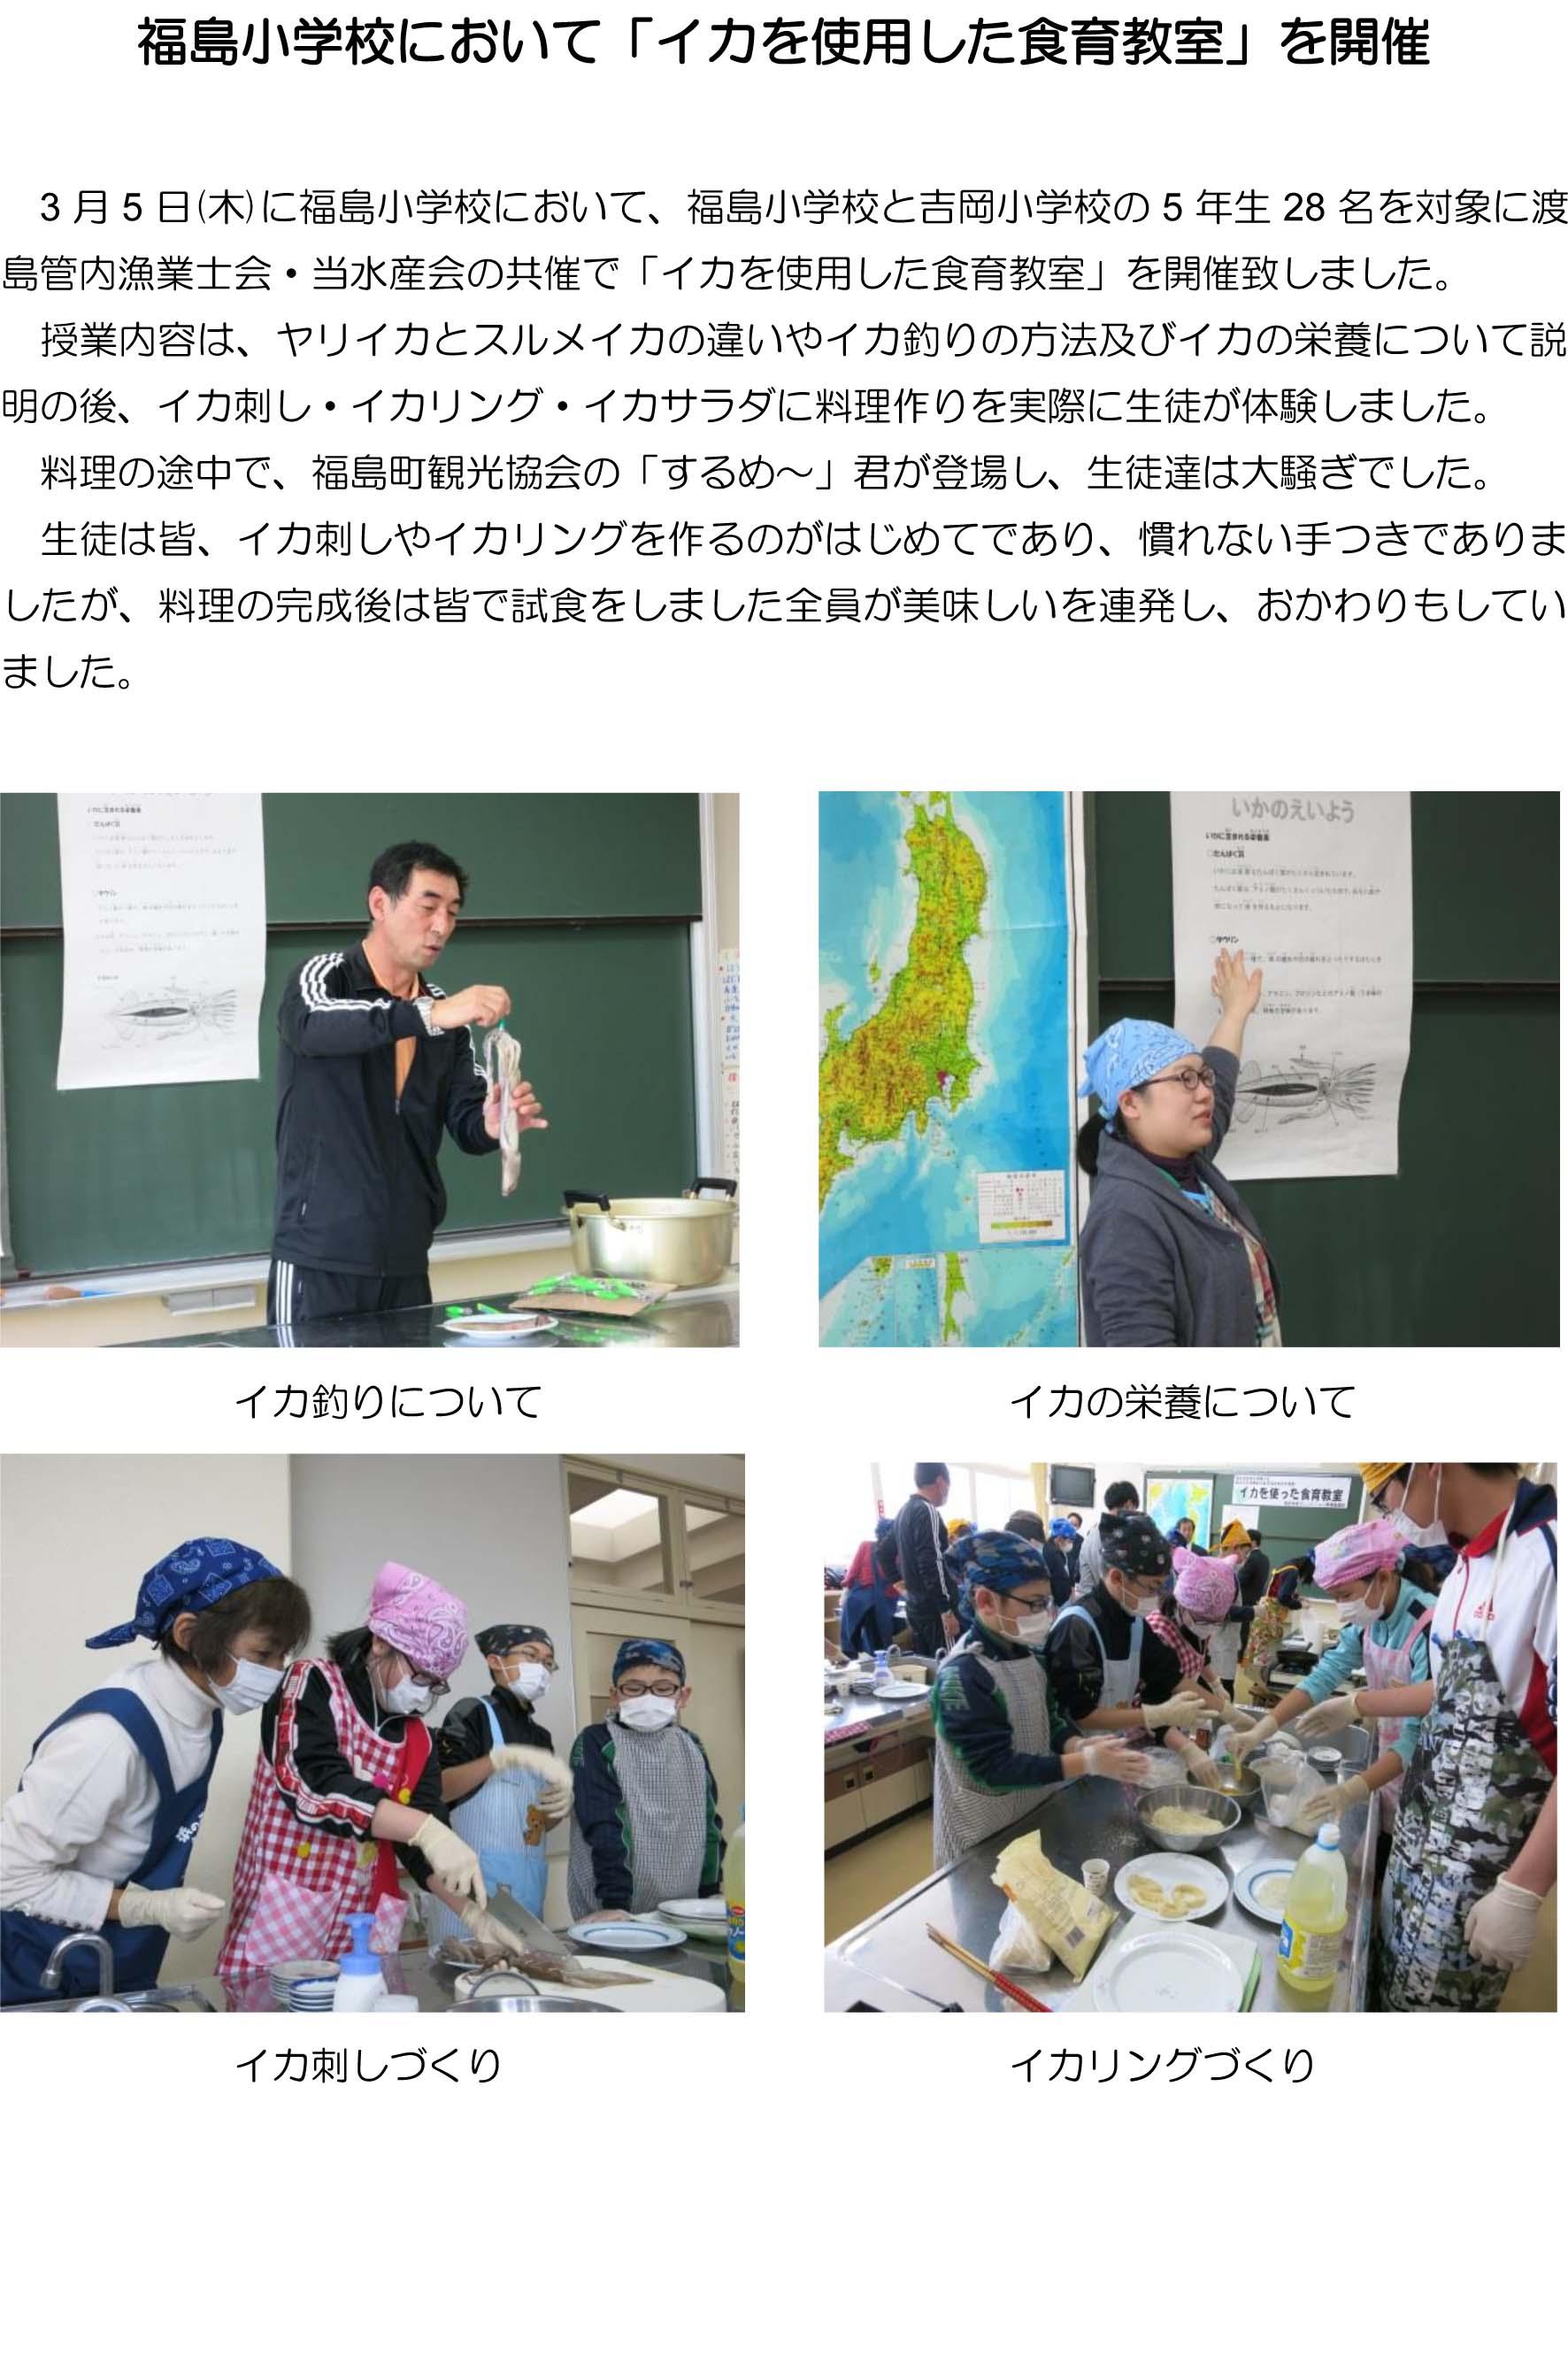 福島小学校において「イカを使用した食育教室」を開催-1